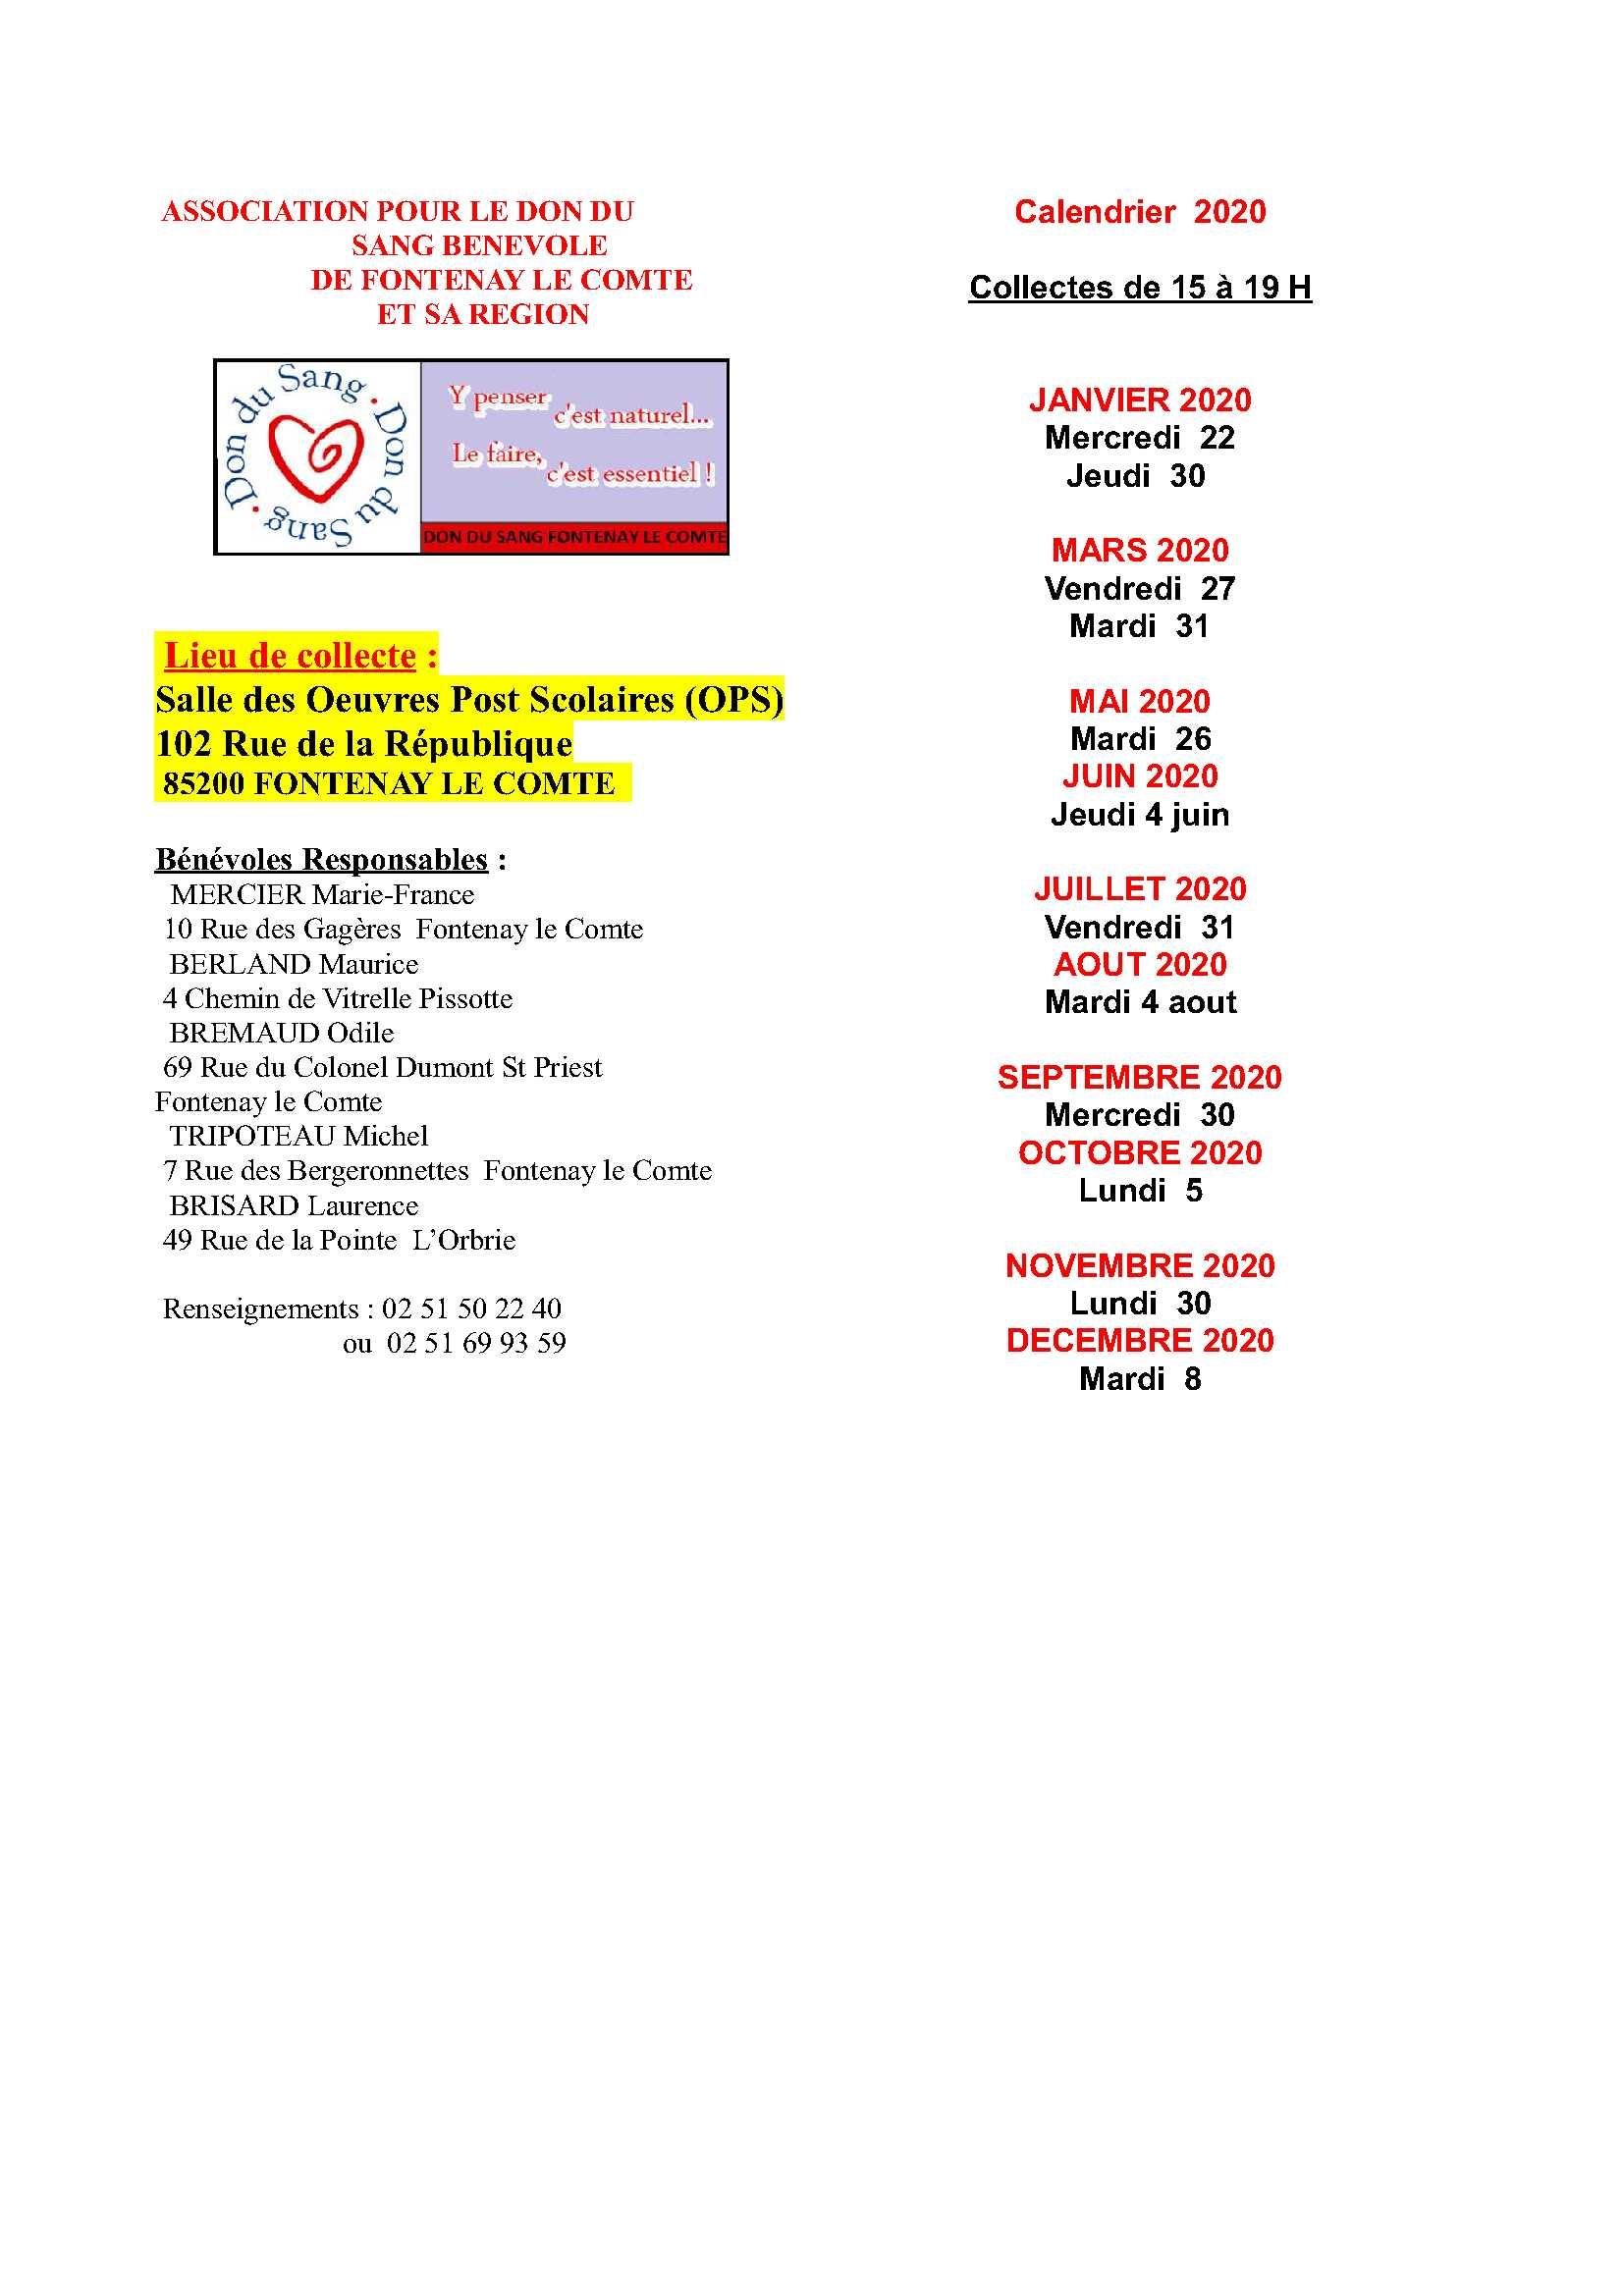 2020 calendrier collectes - don du sang